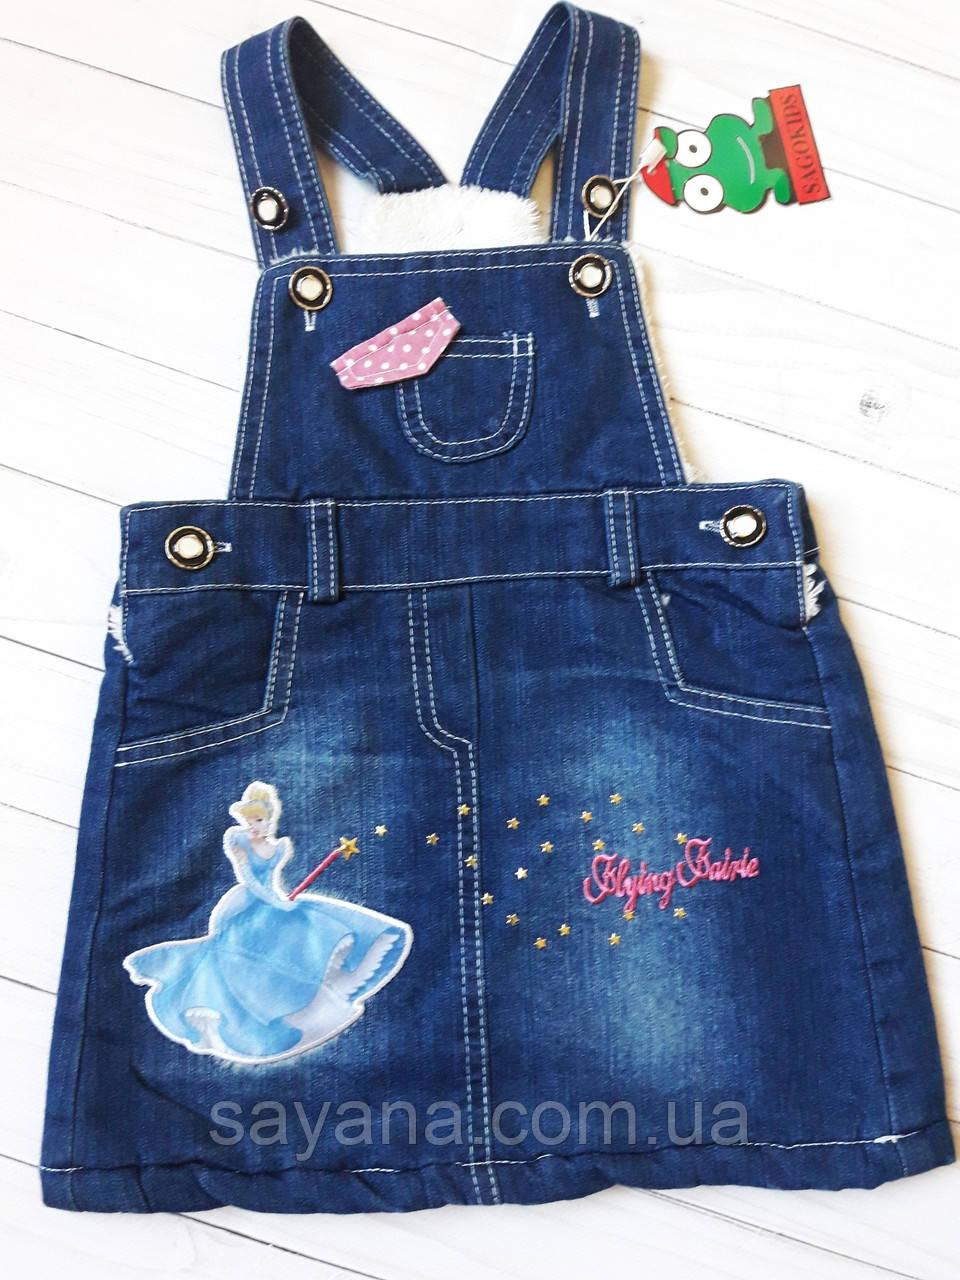 Детский стильный джинсовый сарафан, Турция. МО-11-1218